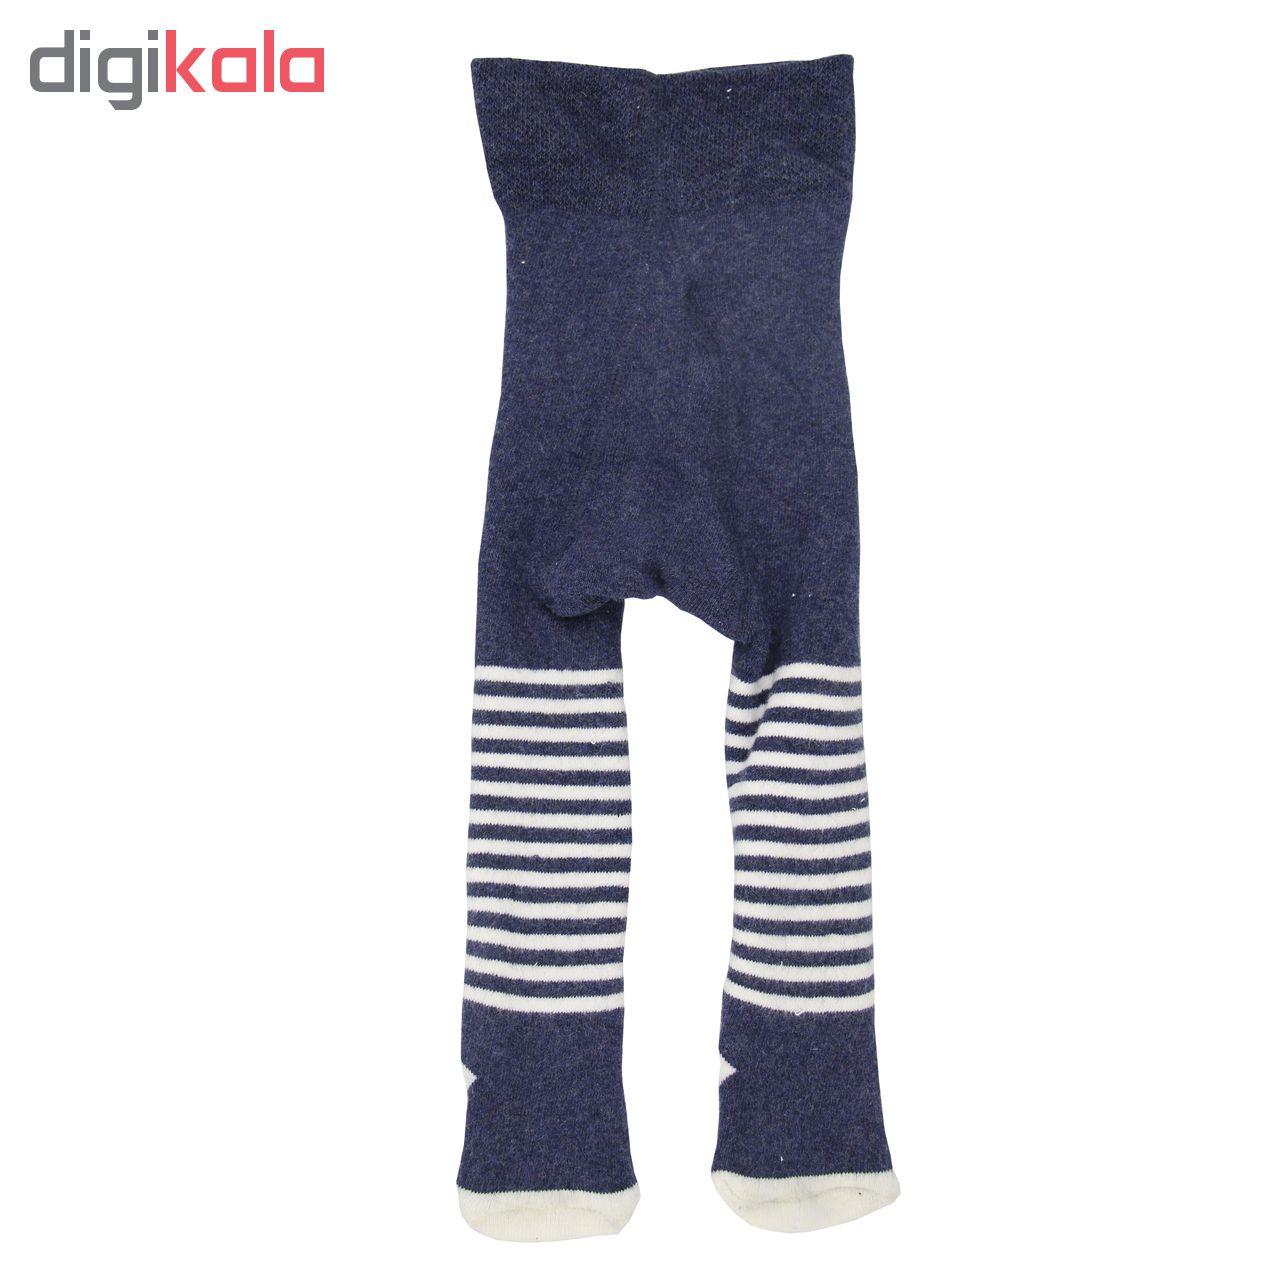 جوراب شلواری نوزاد لوپیلو کد 6506